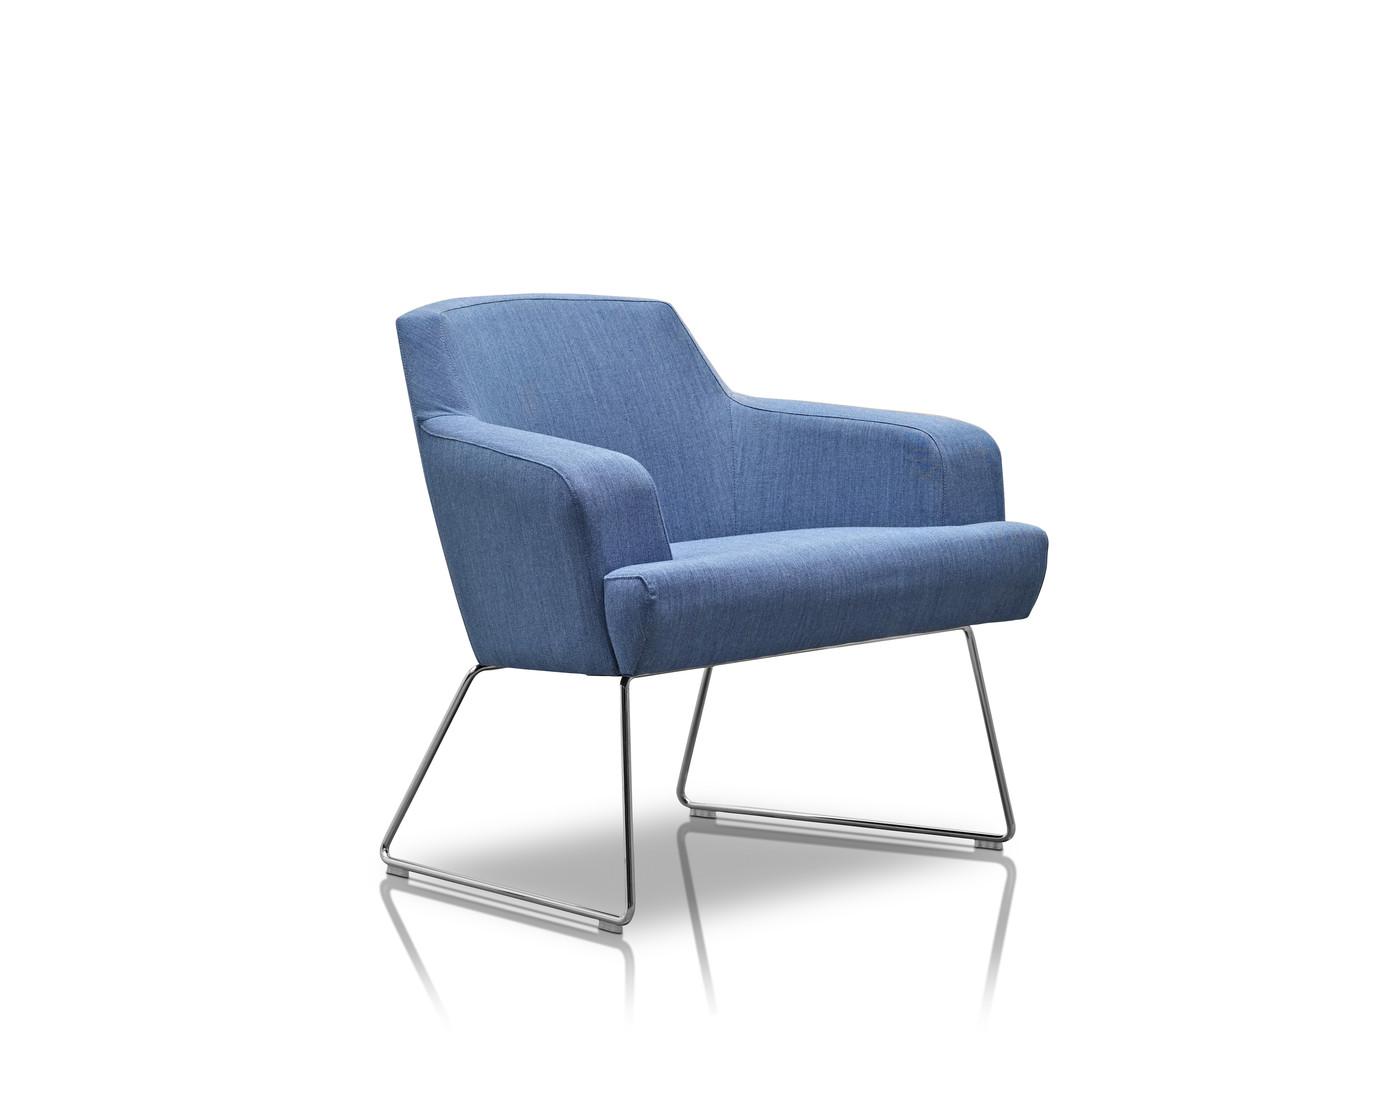 4-Silla-Multiuso-Jetty-Lounge-Beauty-1380